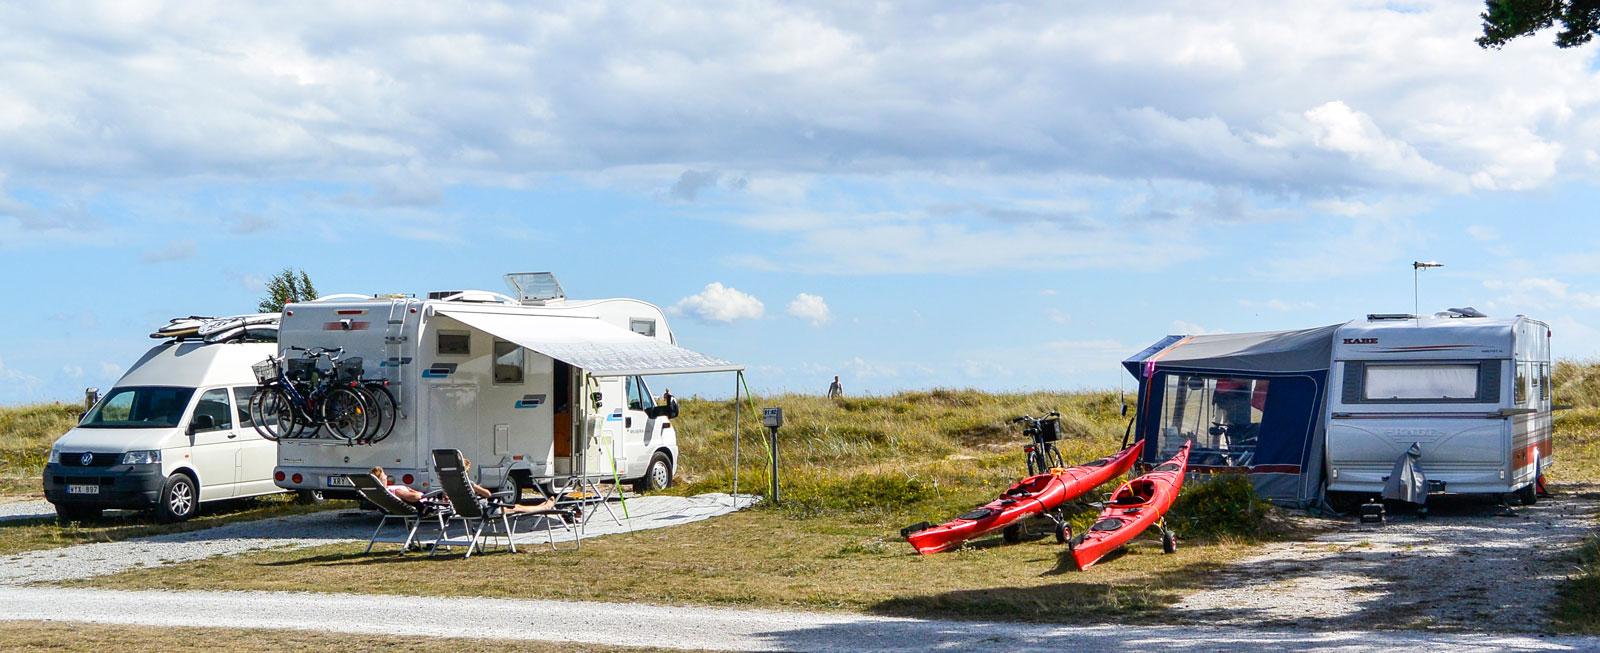 Eftermiddagssolen värmer gott på stranden nedanför Fårö fyr och ett dopp i det blå friskar upp.